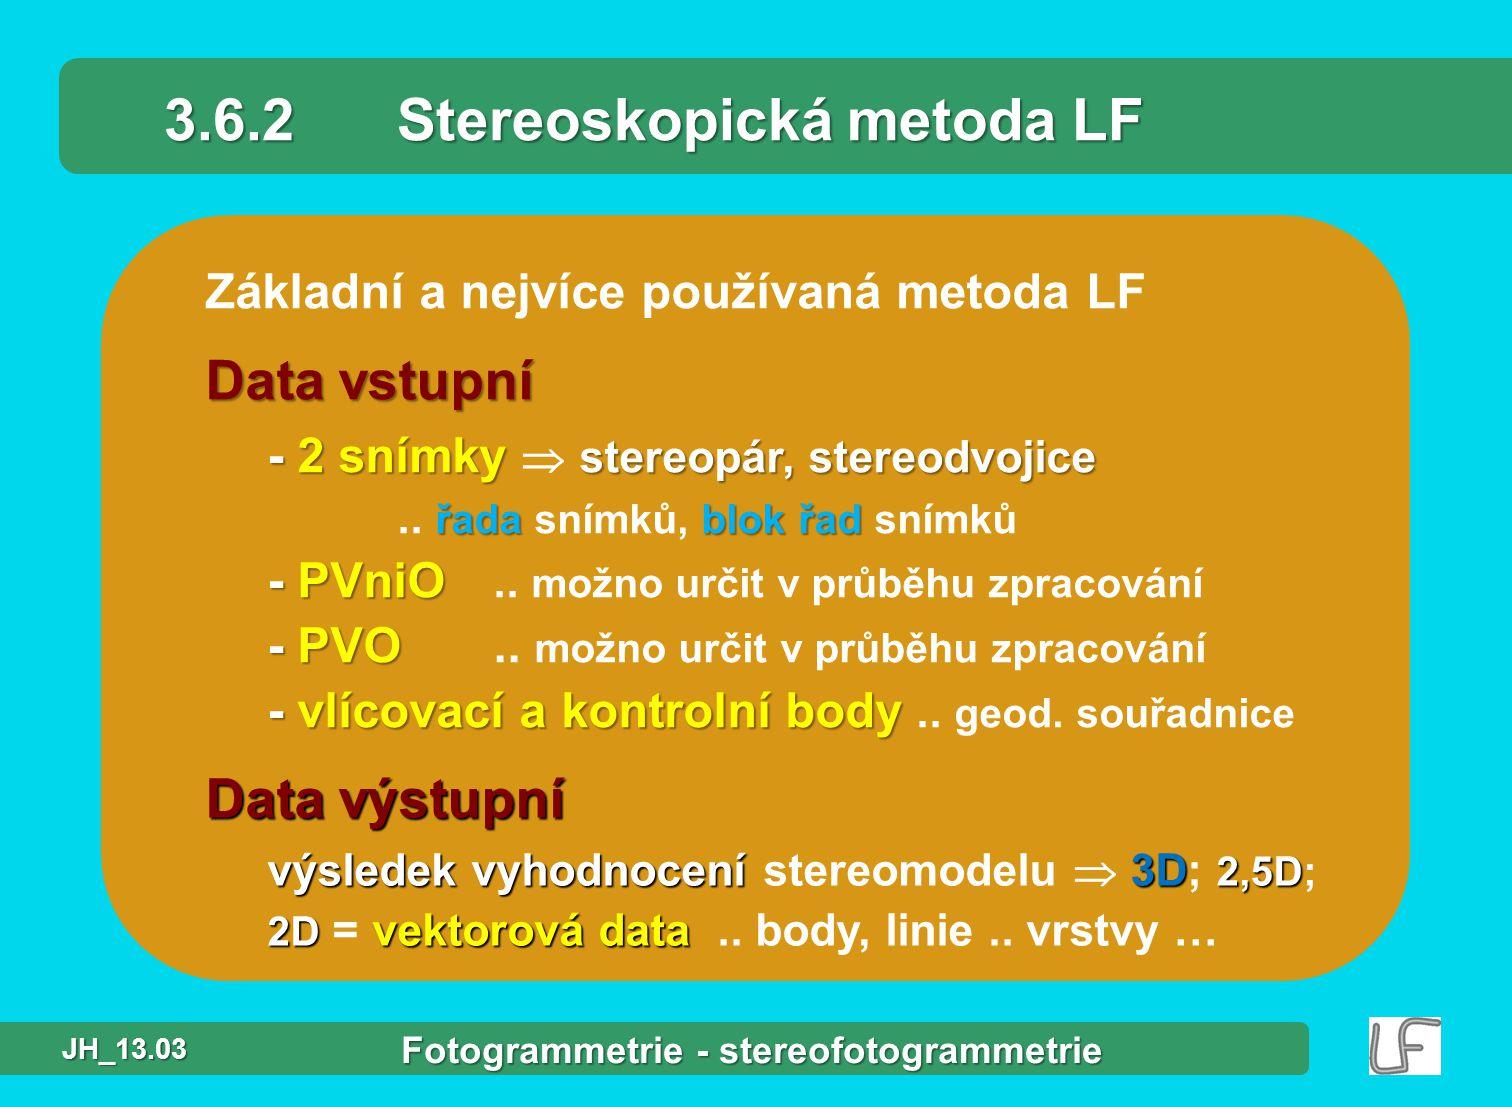 3.6.2 Stereoskopická metoda LF